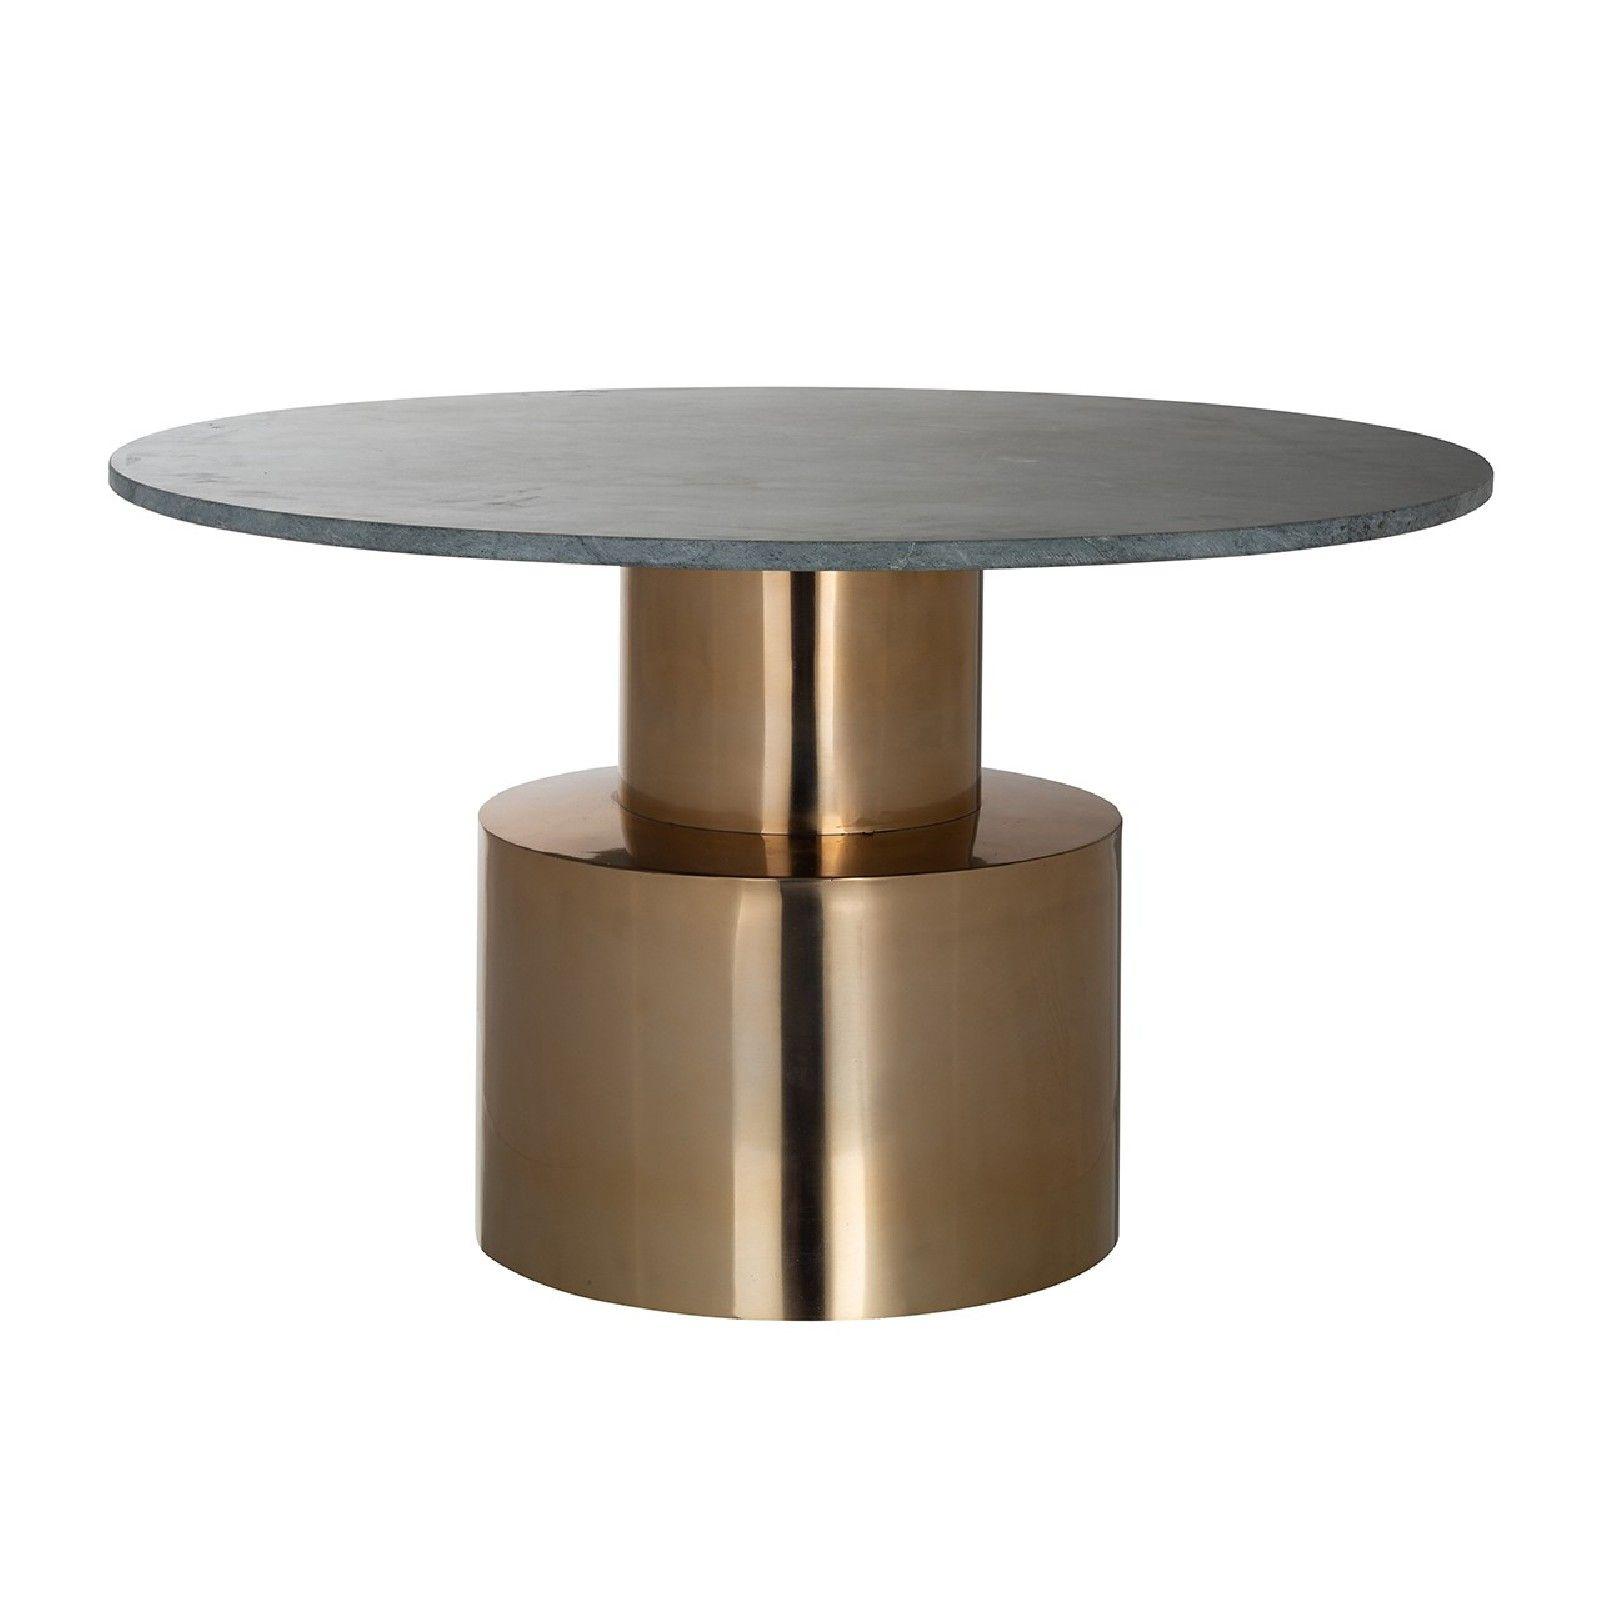 Table de salon Hogan 77Ø Tables basses rectangulaires - 128